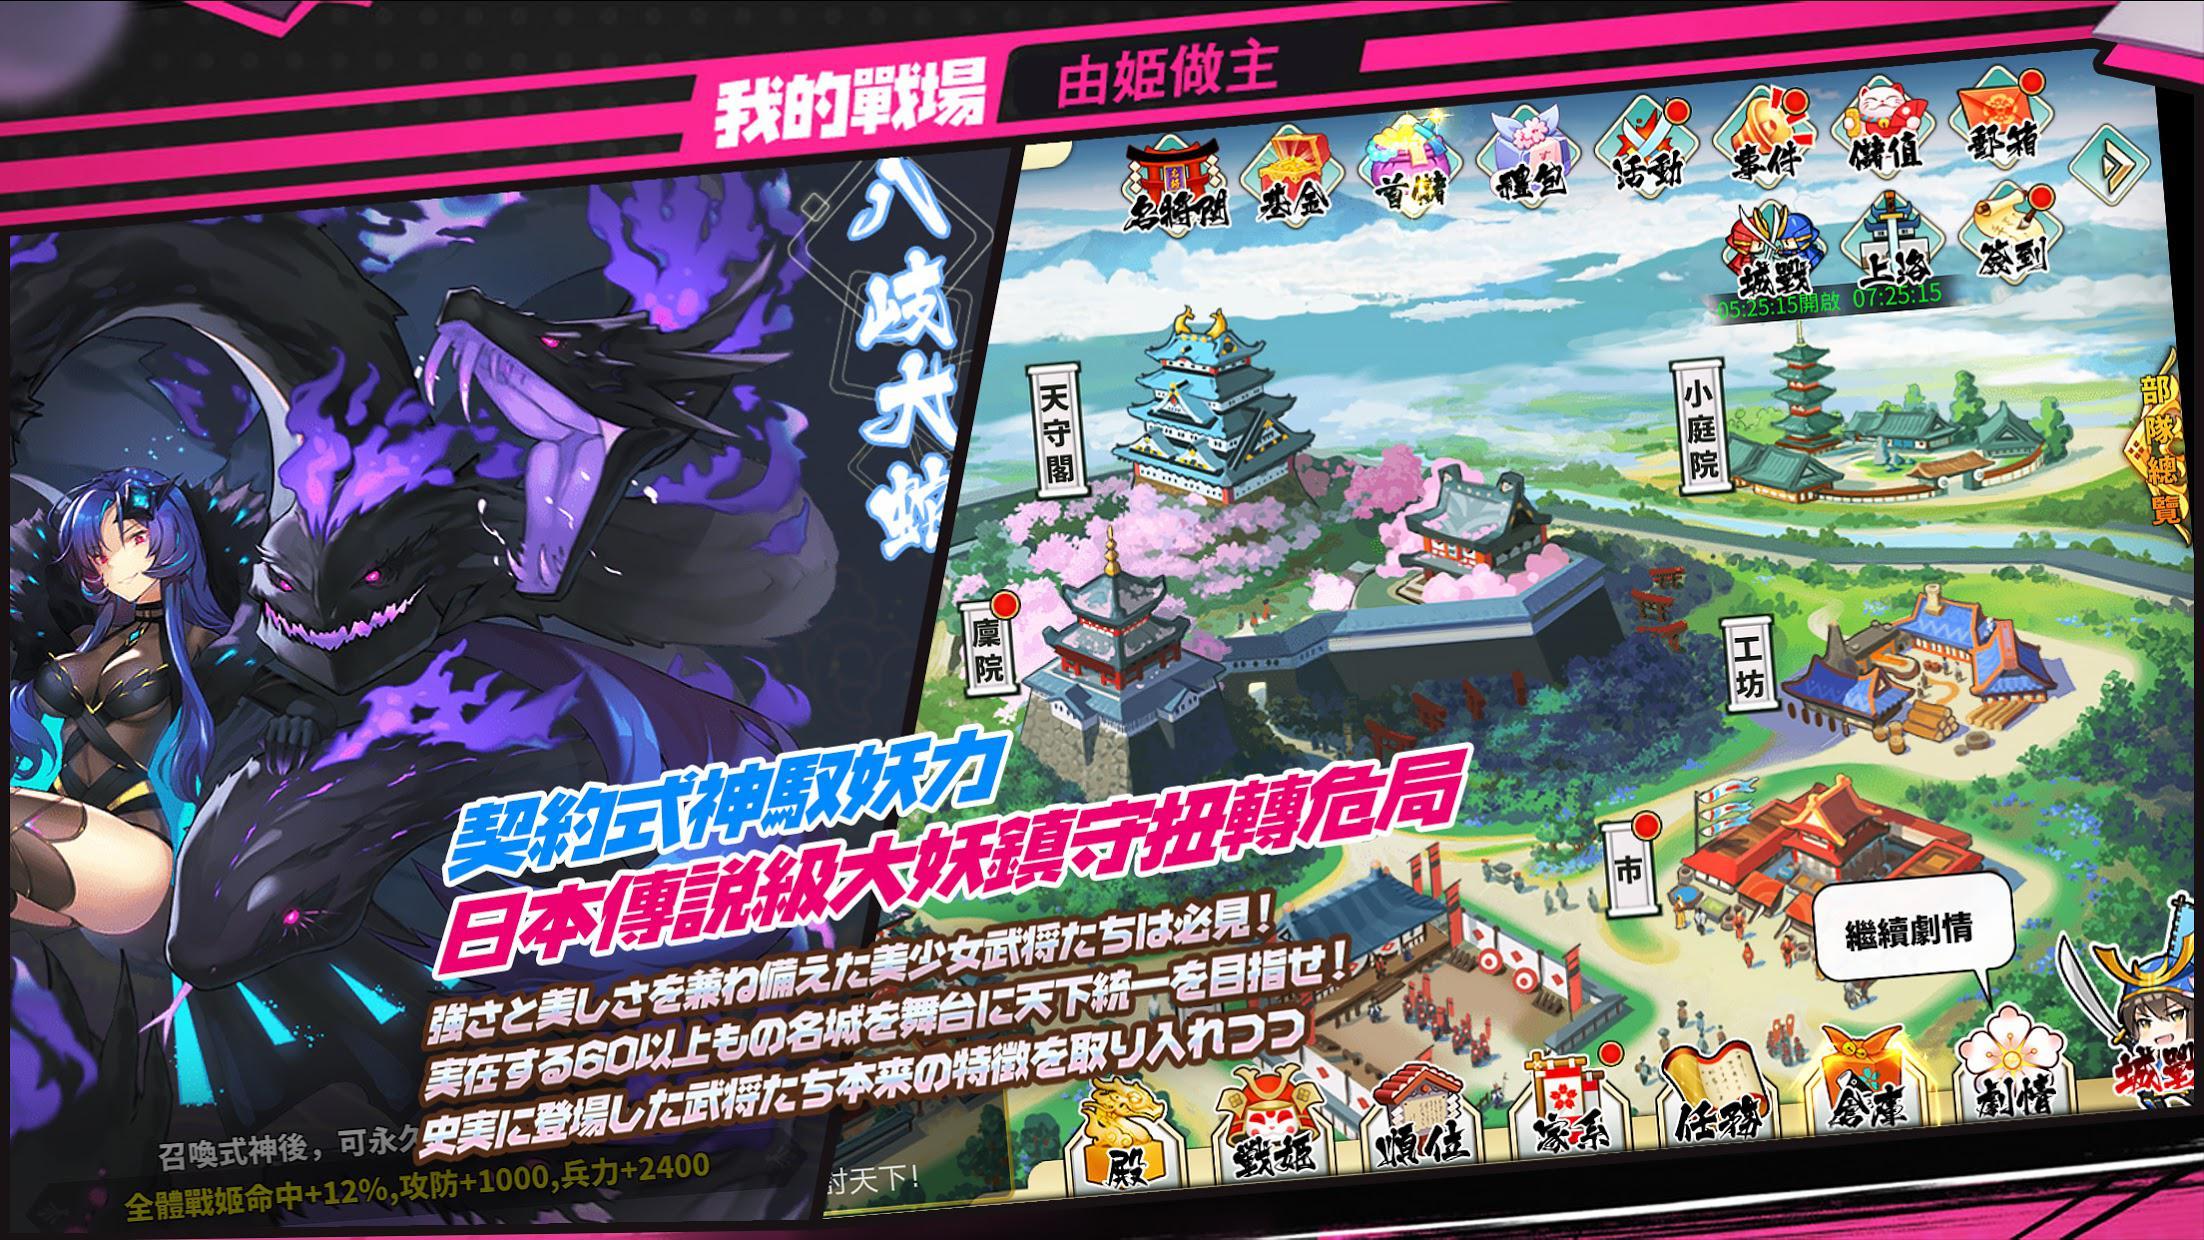 姬武将:战国乱舞 游戏截图5